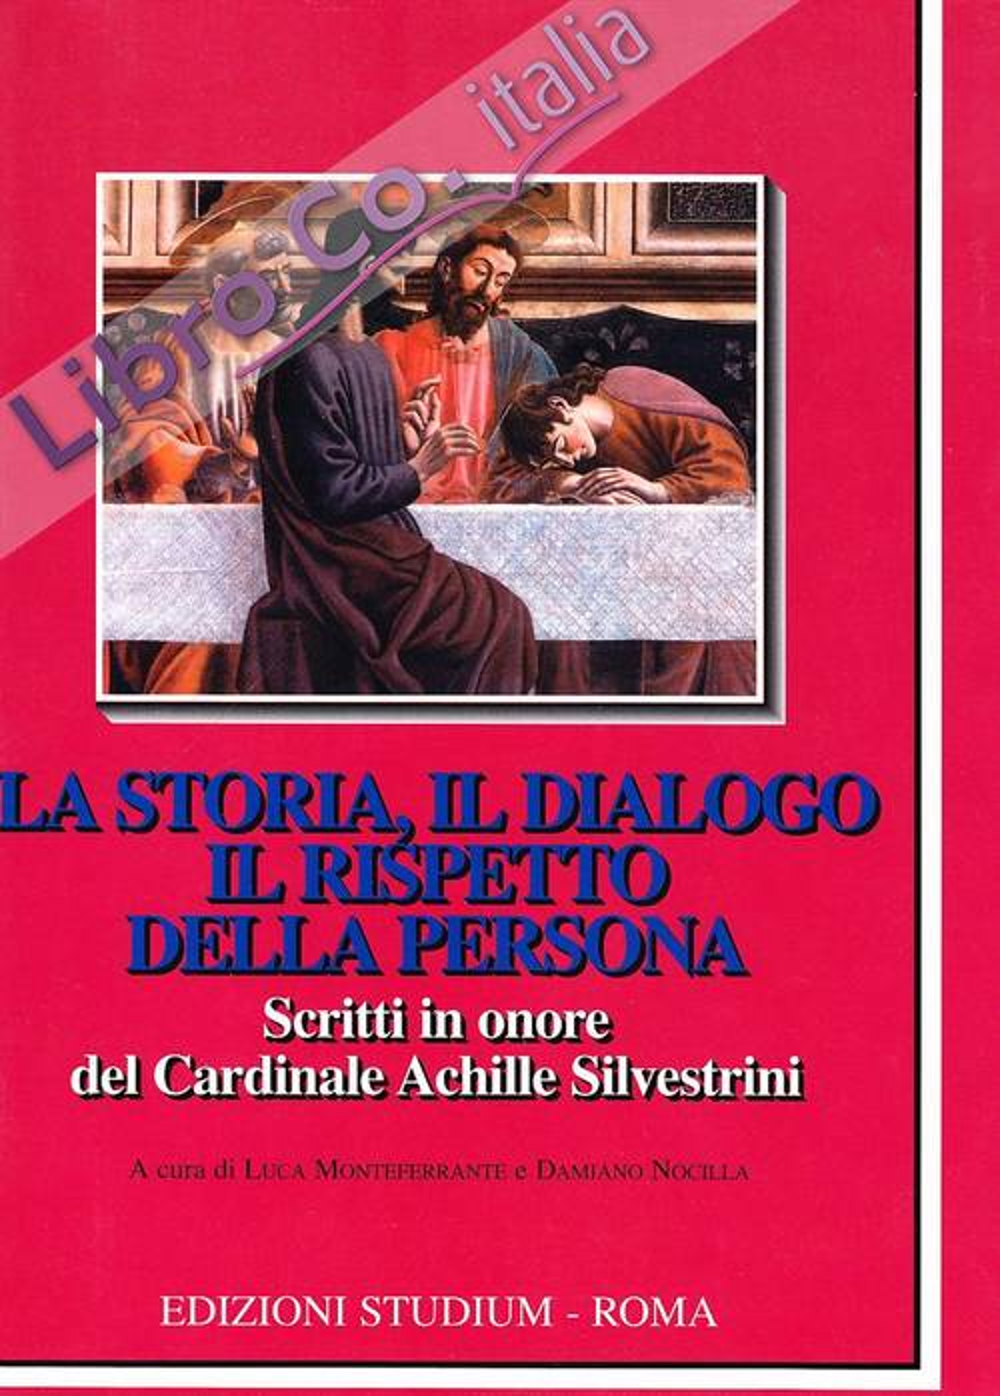 La storia, il dialogo, il rispetto della persona. Scritti in onore del Cardinale Achille Silvestrini